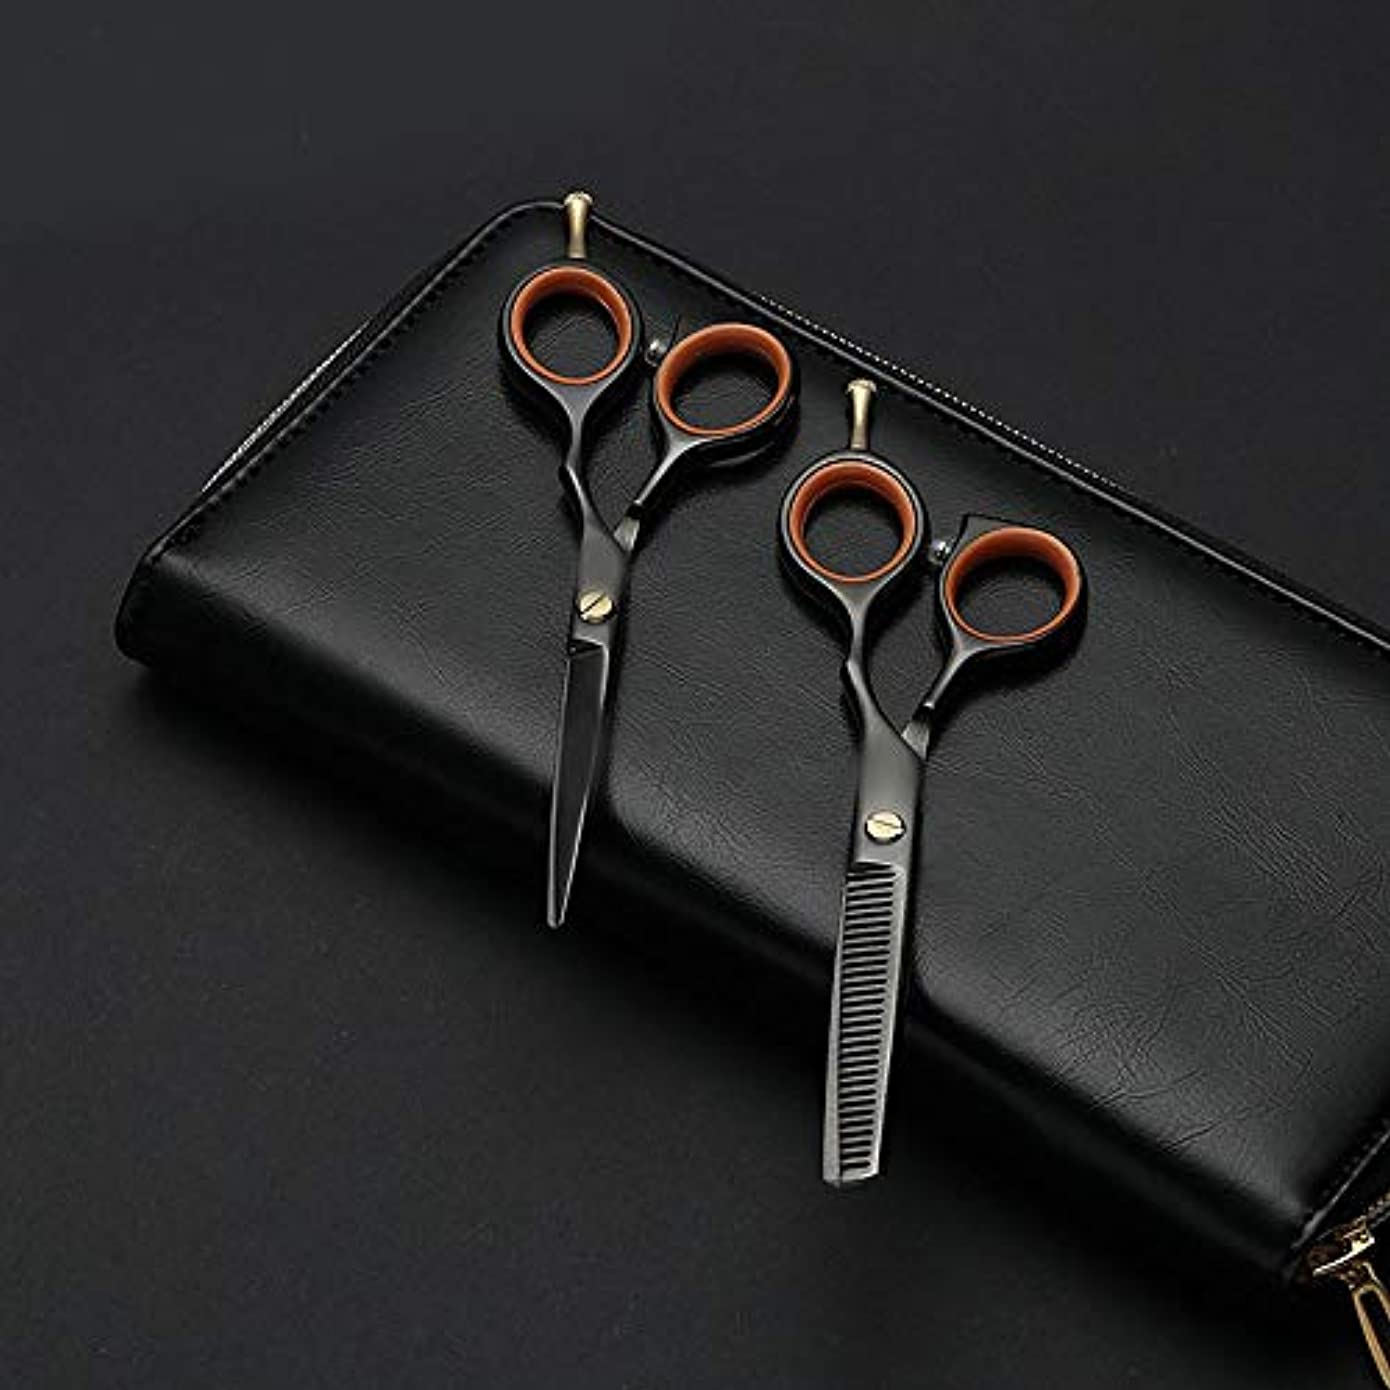 マーケティング摂氏度節約Hairdressing 5.5インチの専門の理髪はさみ、美容院の組合せセット理髪はさみ毛の切断はさみステンレス理髪はさみ (色 : 黒)